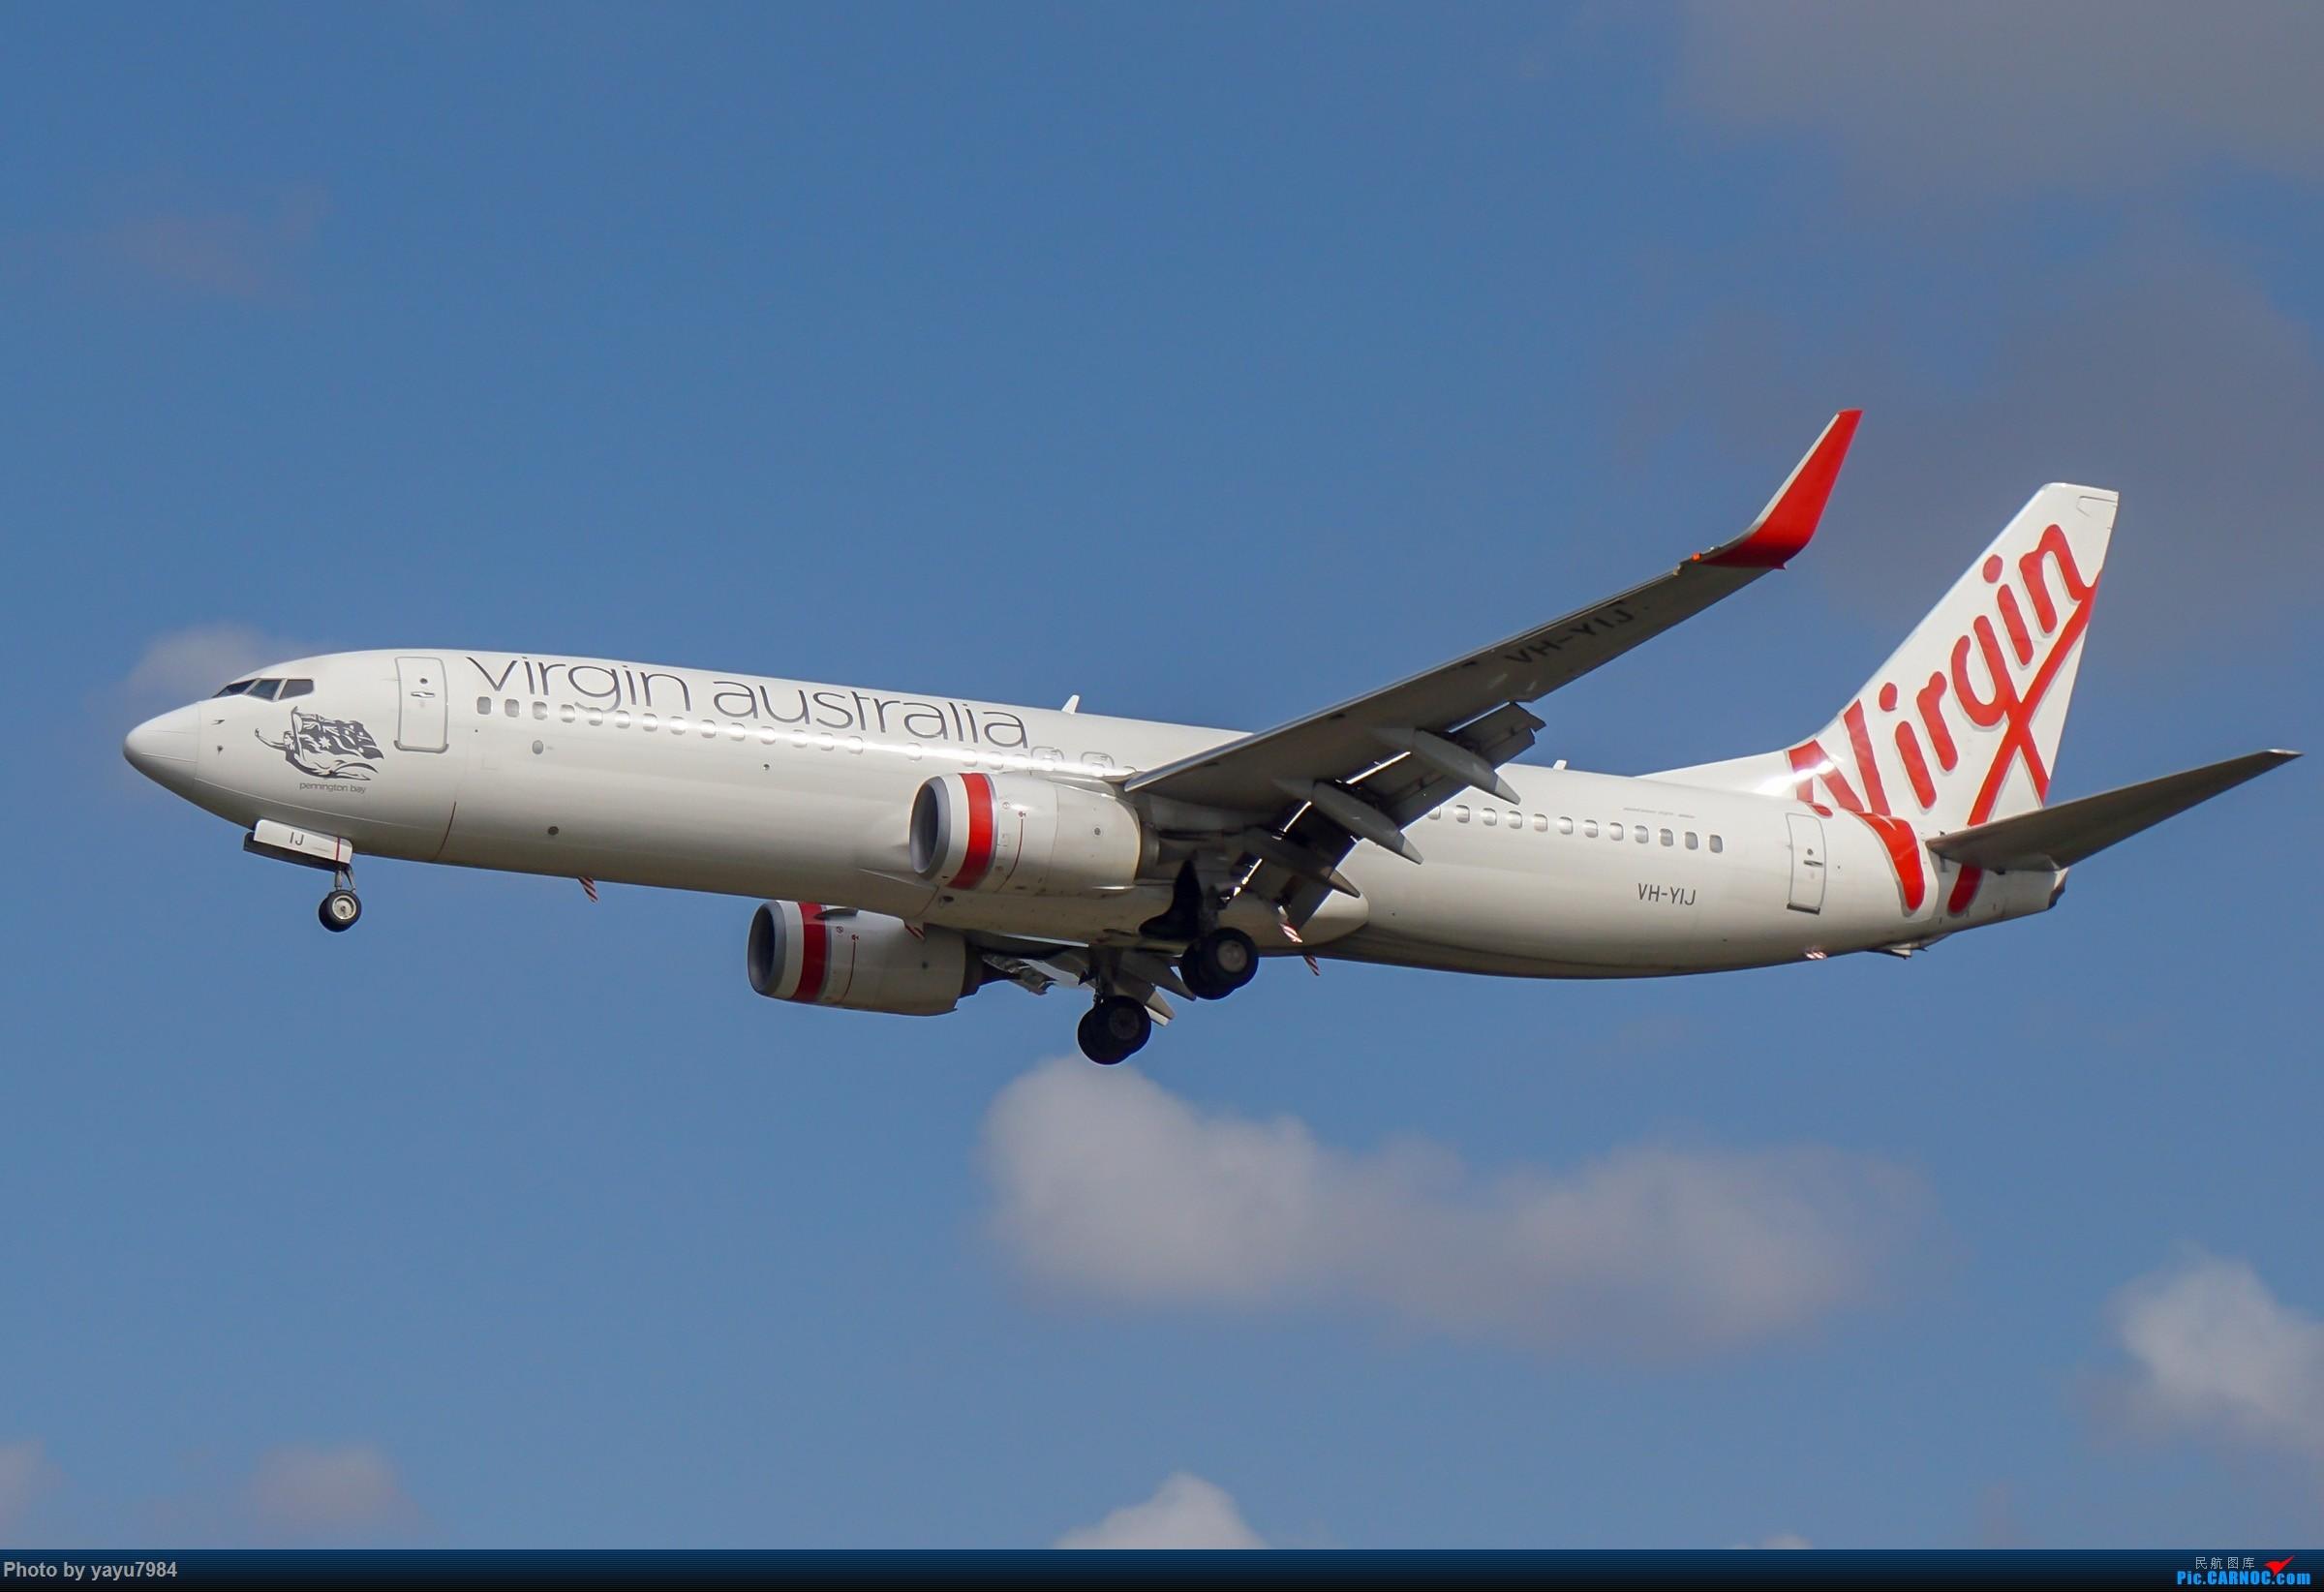 Re:[原创][SYD] 东航天合332,雪绒花343,华航蓝鹊,以及其他日常货 BOEING 737-800 VH-YIJ 澳大利亚悉尼金斯福德·史密斯机场